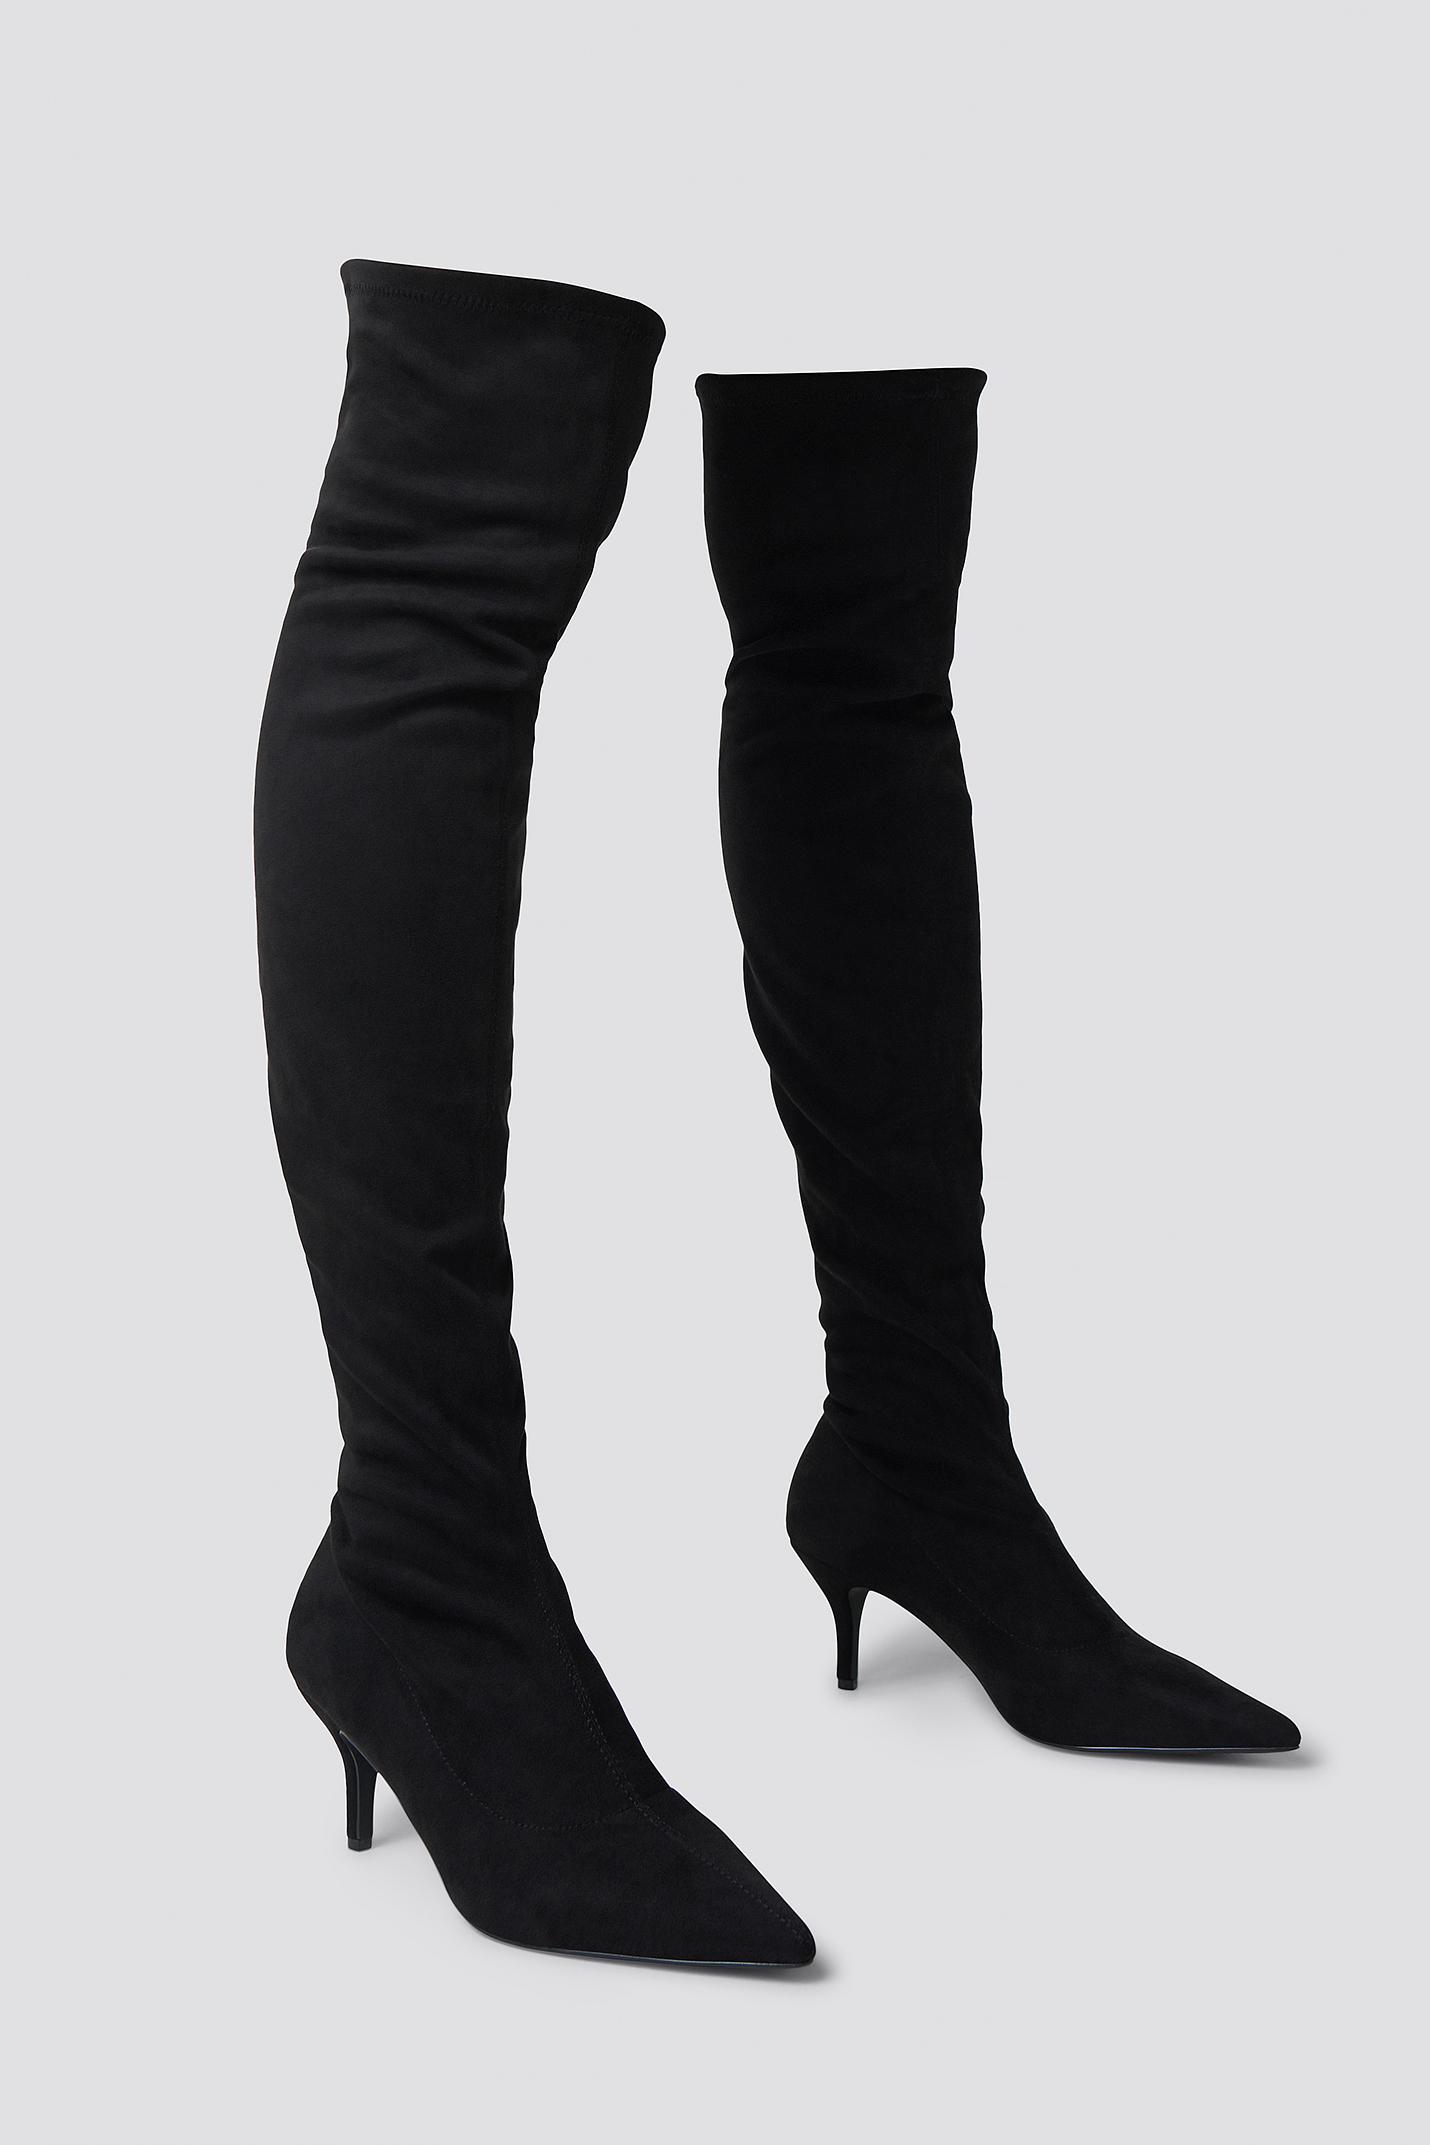 Overknee Kitten Heel Boots Black Fashion Shoes Pretty Heels